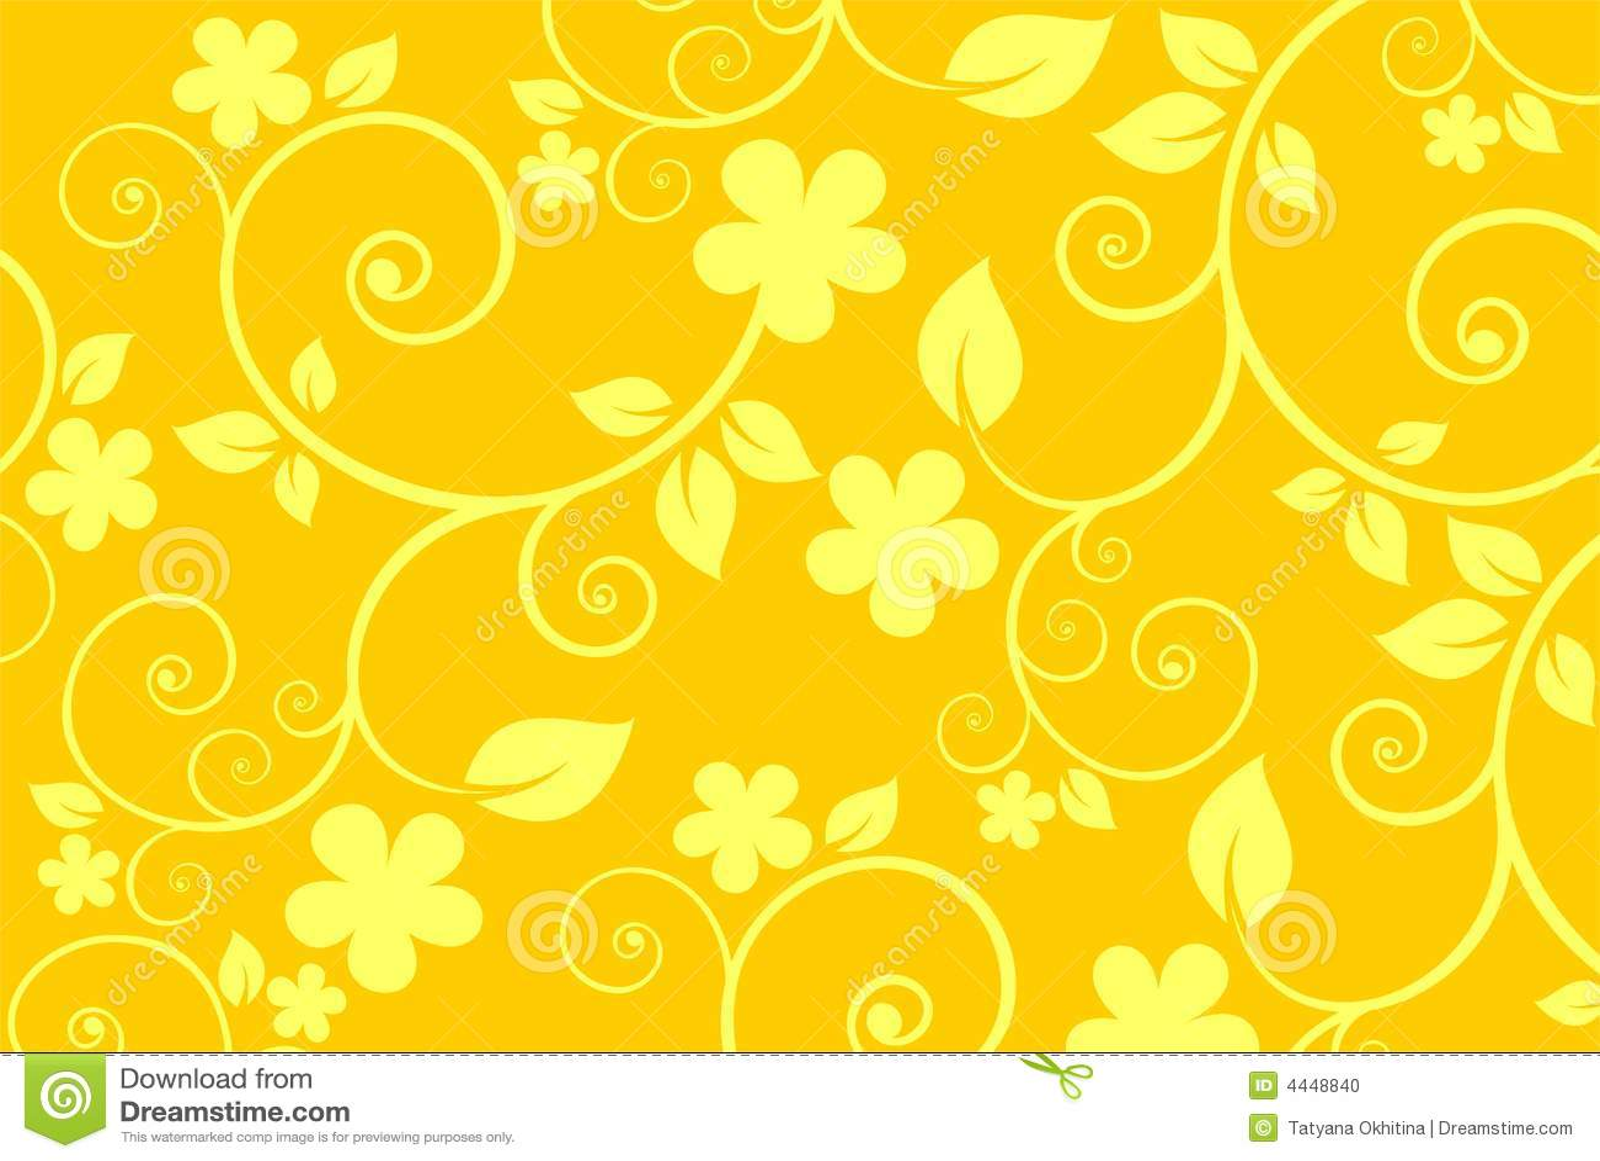 Рисунок для желтого фона